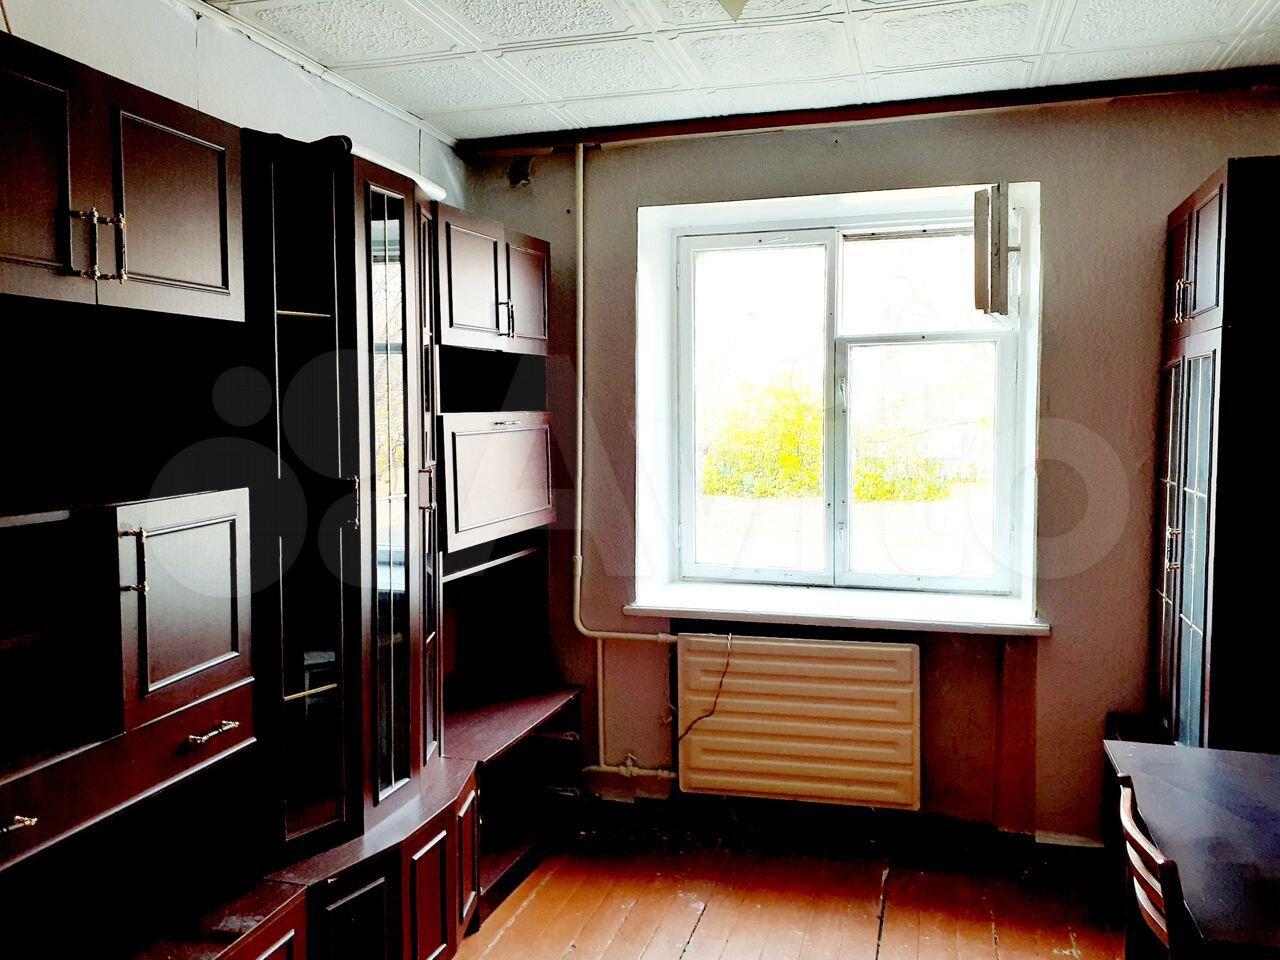 Zimmer 12 m2 in 1 -, 2/9 at.  89120230509 kaufen 1